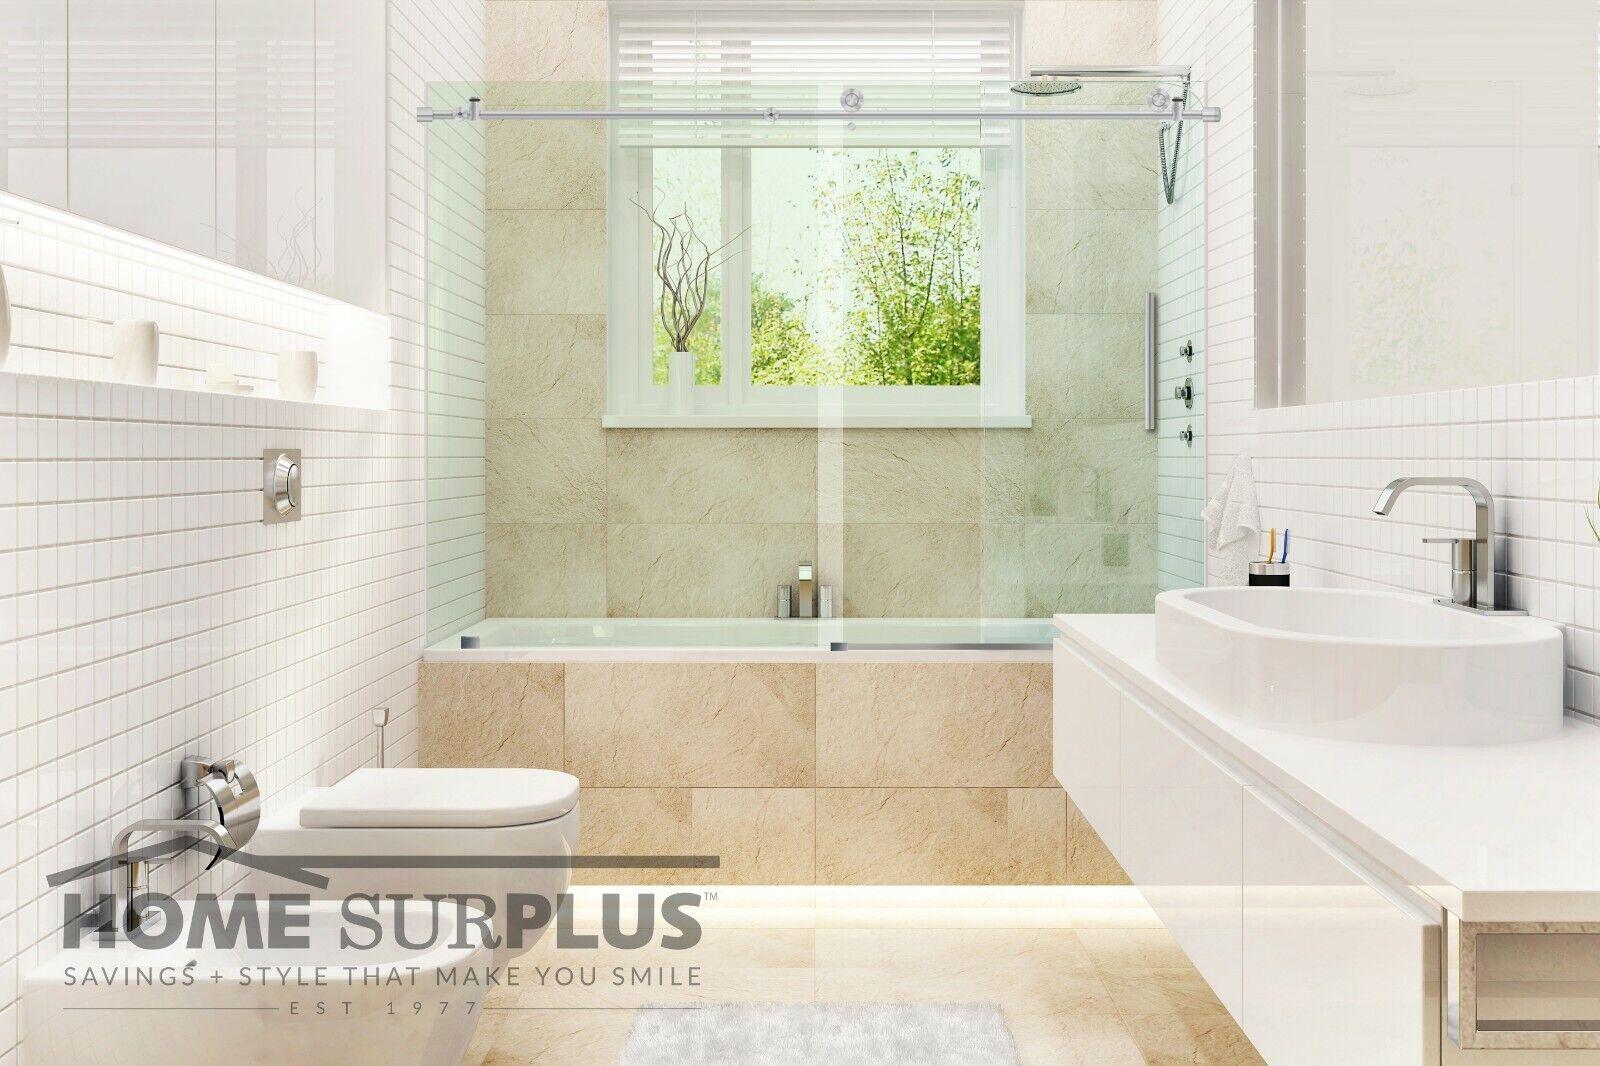 Single Sliding Glass Shower Tub Door Frameless 56 60 W 62 H Chrome Harware